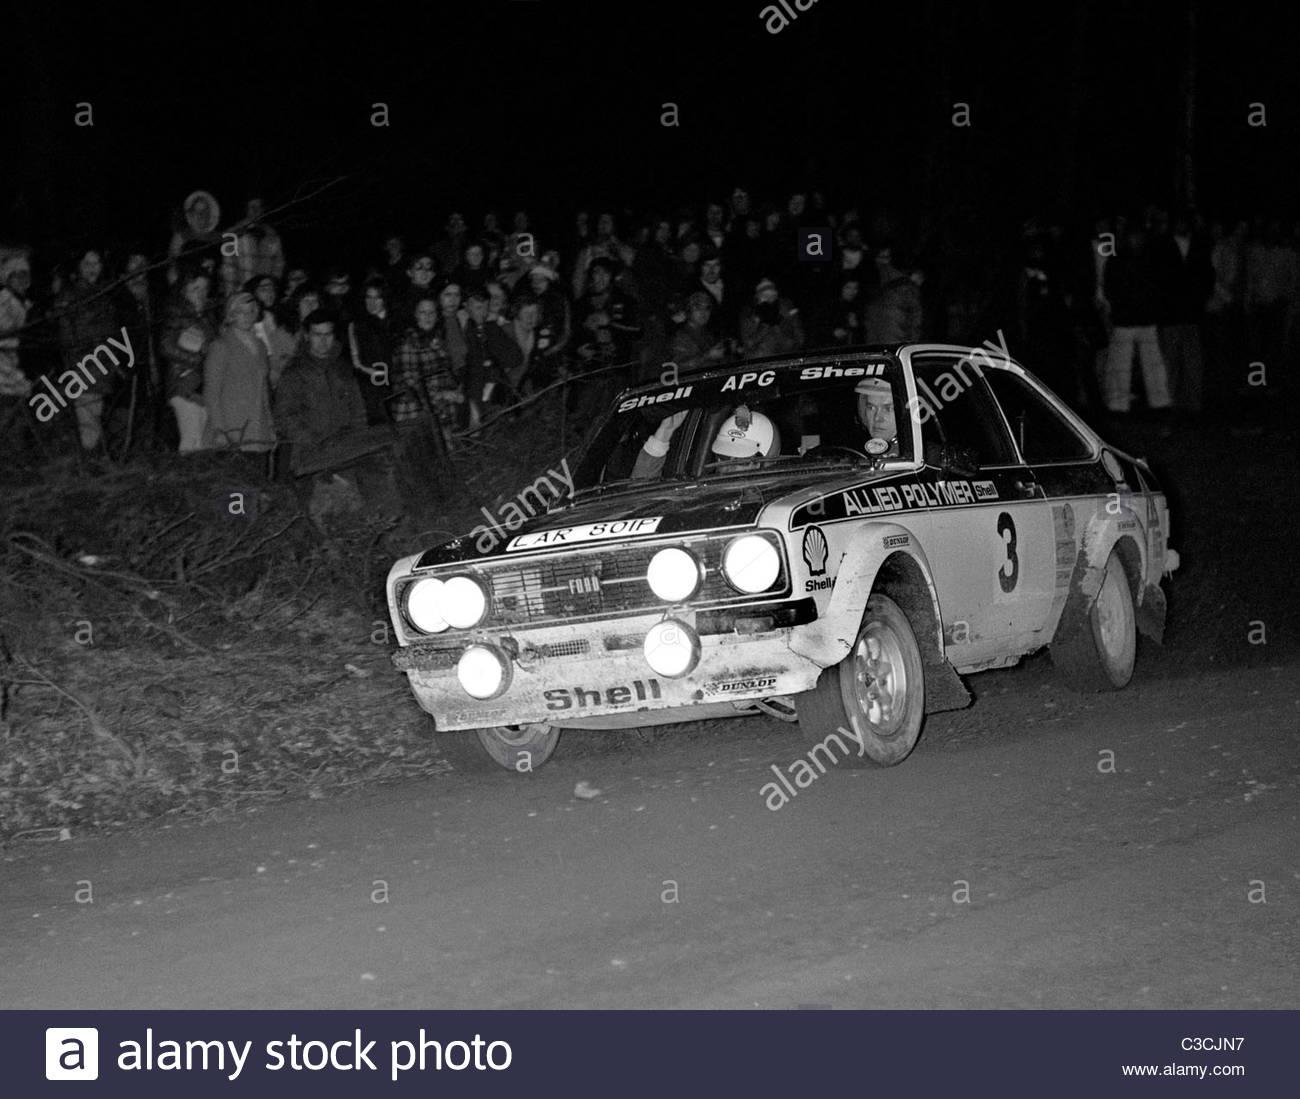 Ford Escort MK2 RS 1800, Treiber Ari Vatanen, im Auto Rallye nacht Bühne - 1976 Stockbild